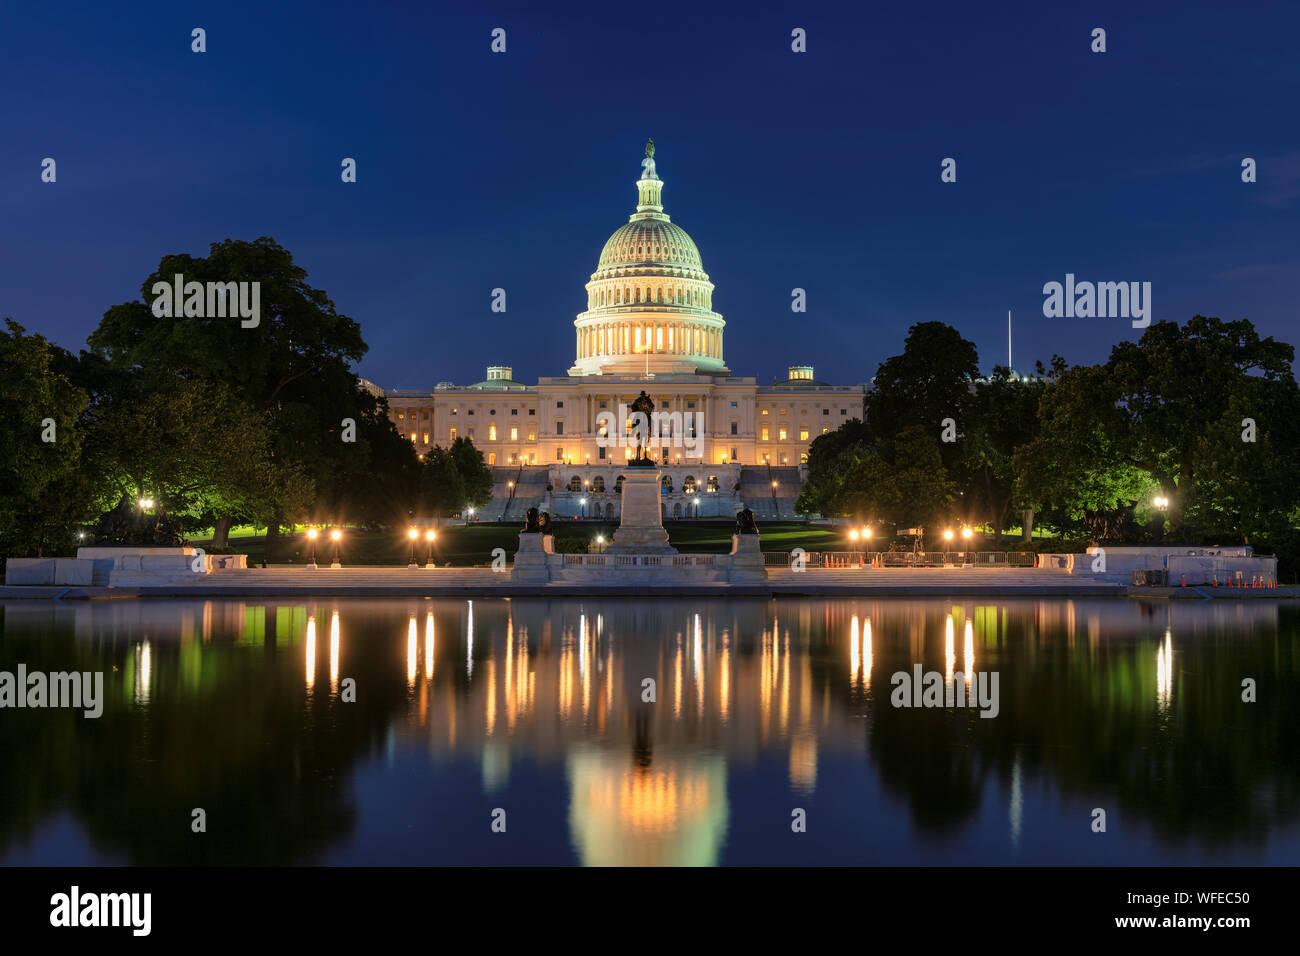 El edificio del Capitolio de los Estados Unidos en la noche Foto de stock